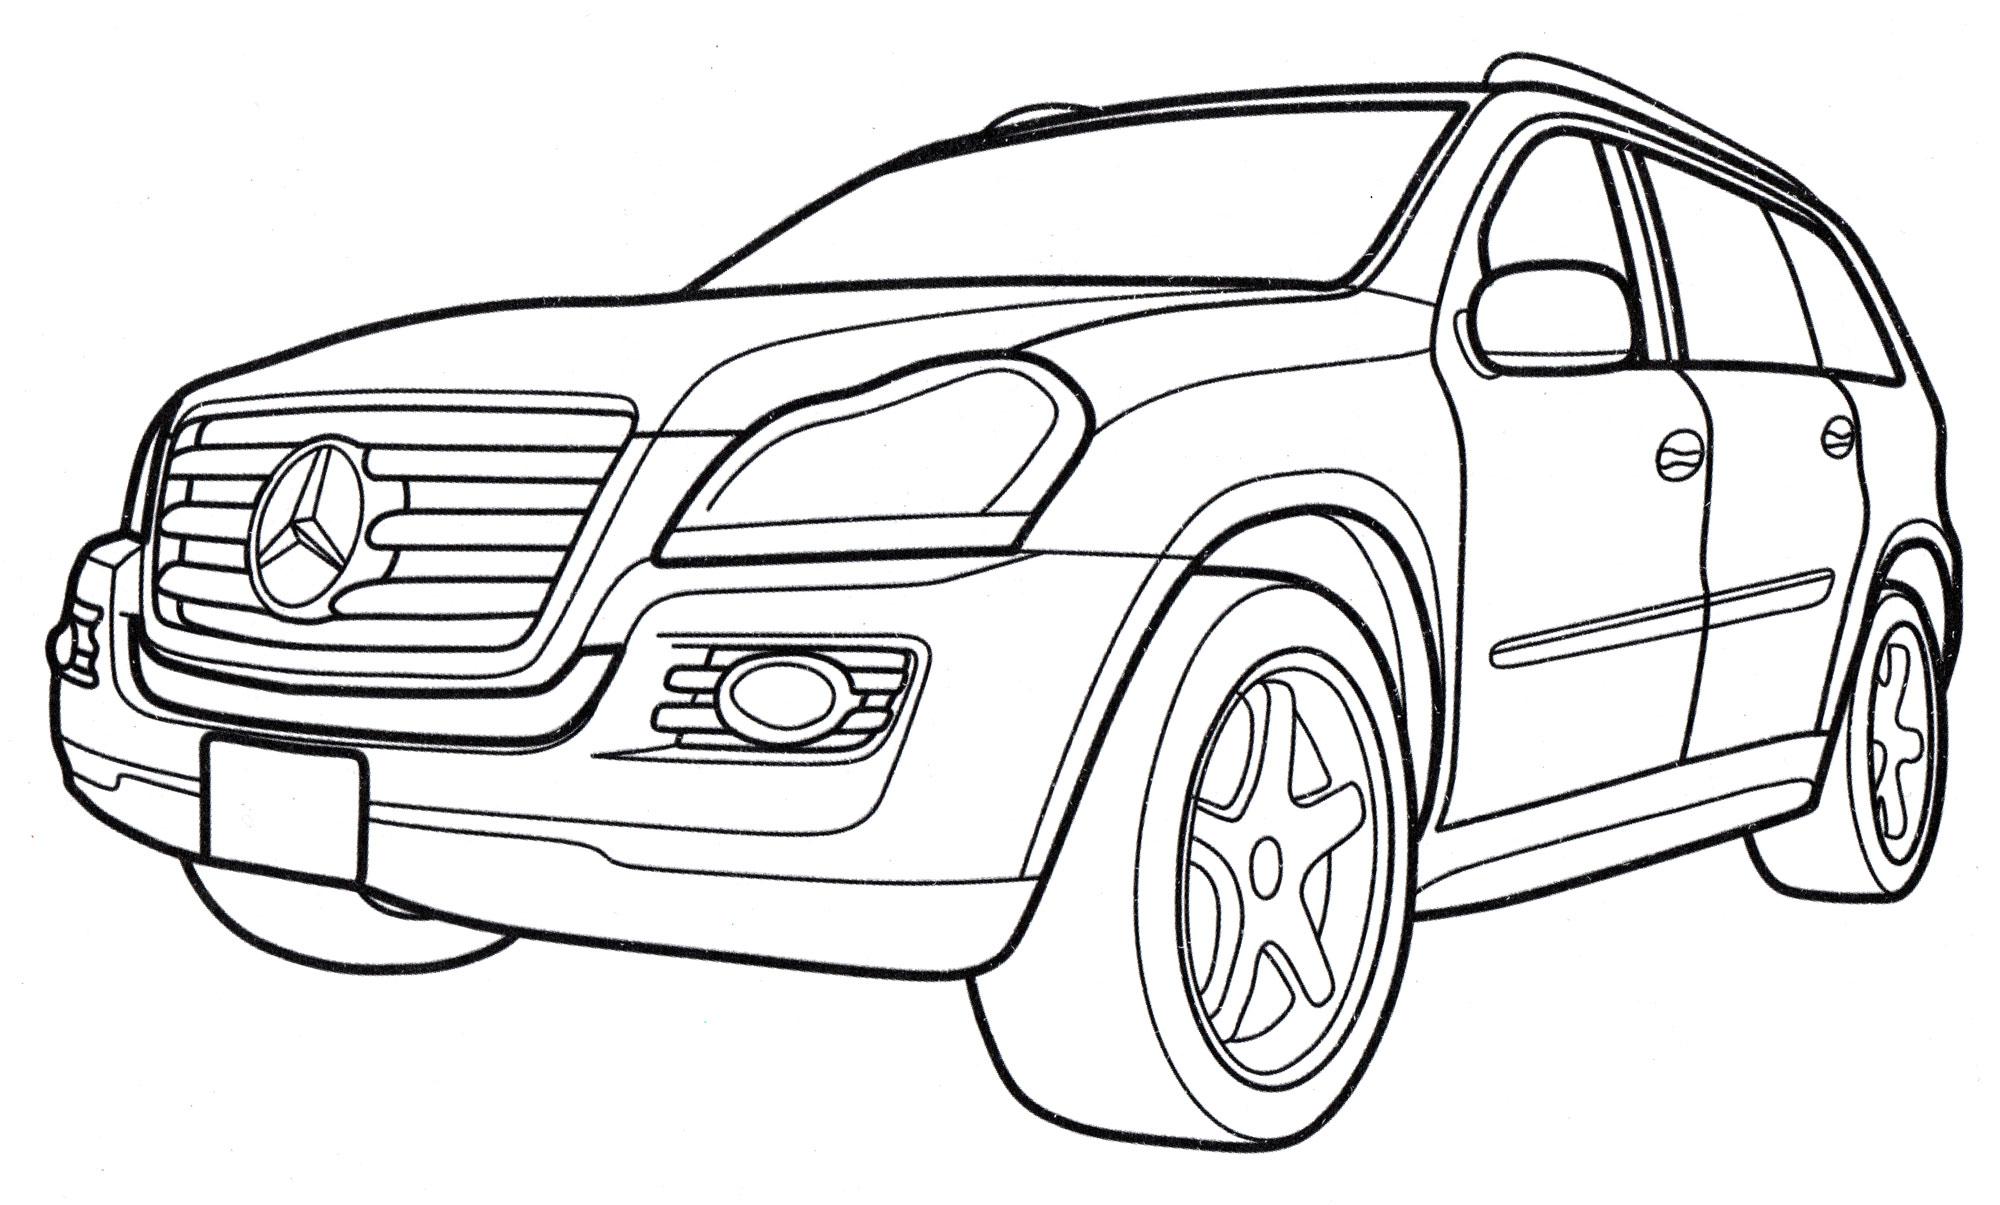 Раскраска Mercedes GL-class - распечатать бесплатно